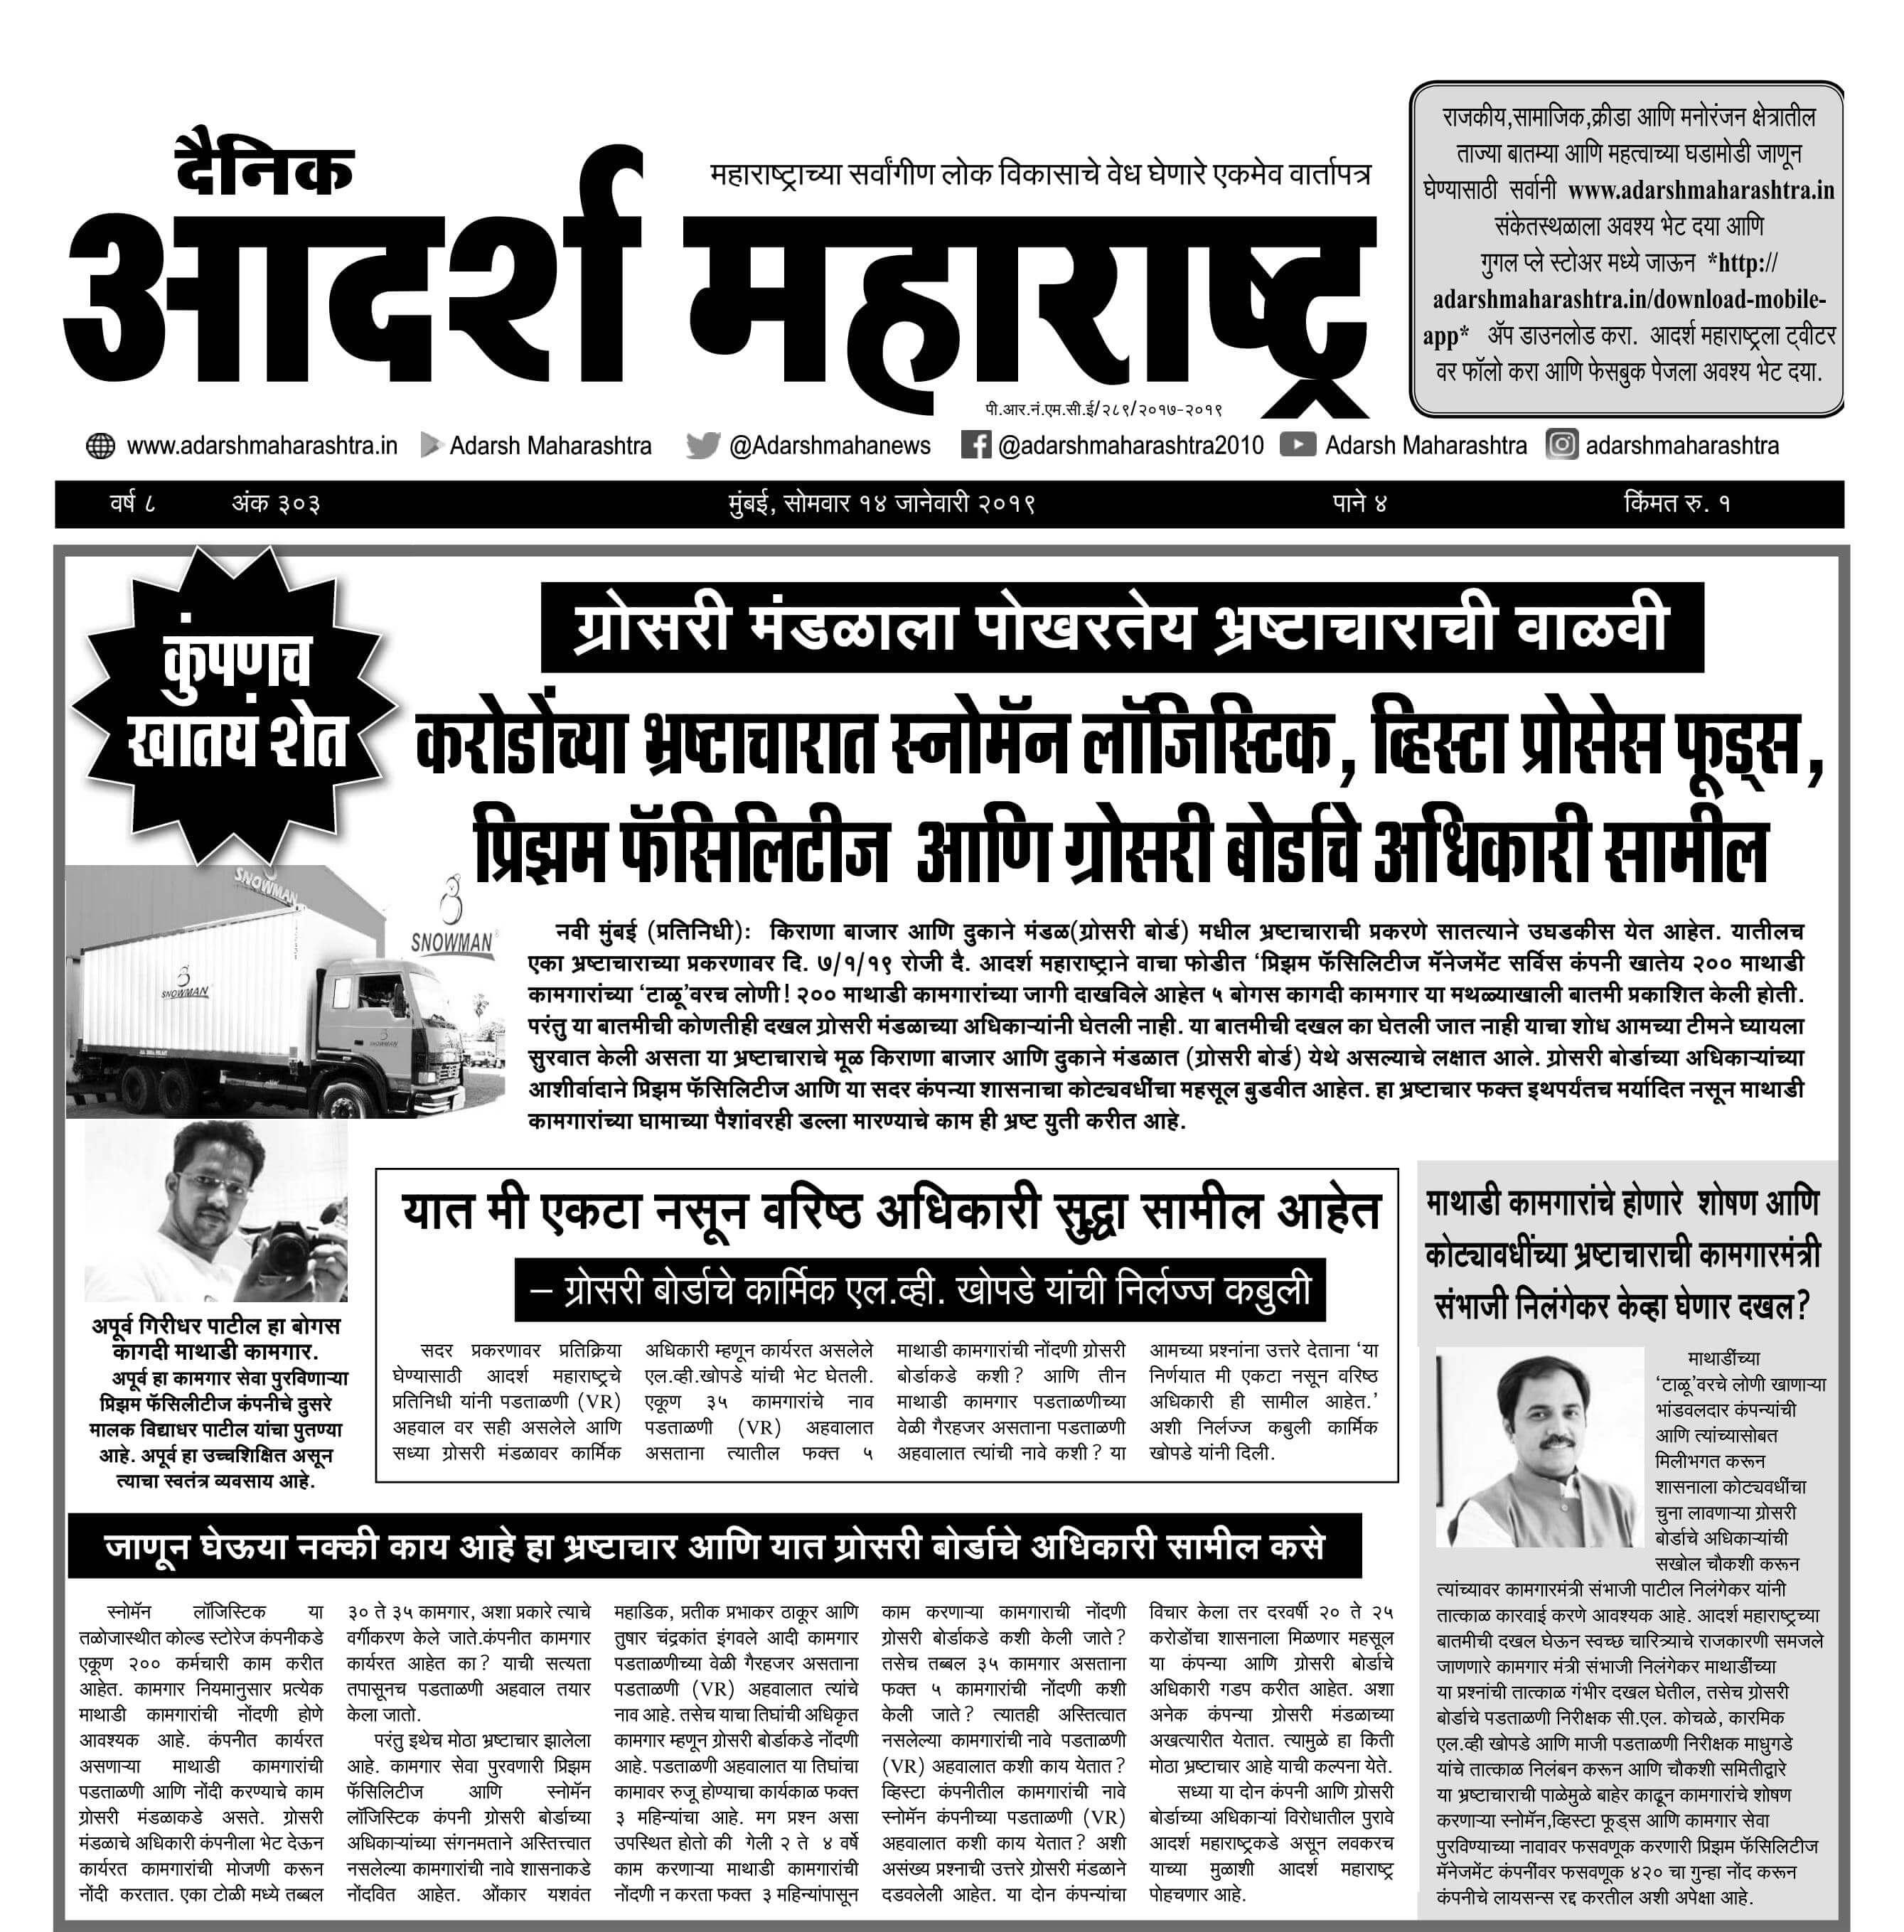 Adarsh Maharashtra | 'कुंपणच खातयं शेत'; ग्रोसरी मंडळाला पोखरतेय  भ्रष्टाचाराची वाळवी; कामगारमंत्री संभाजी निलंगेकर केव्हा घेणार दखल?